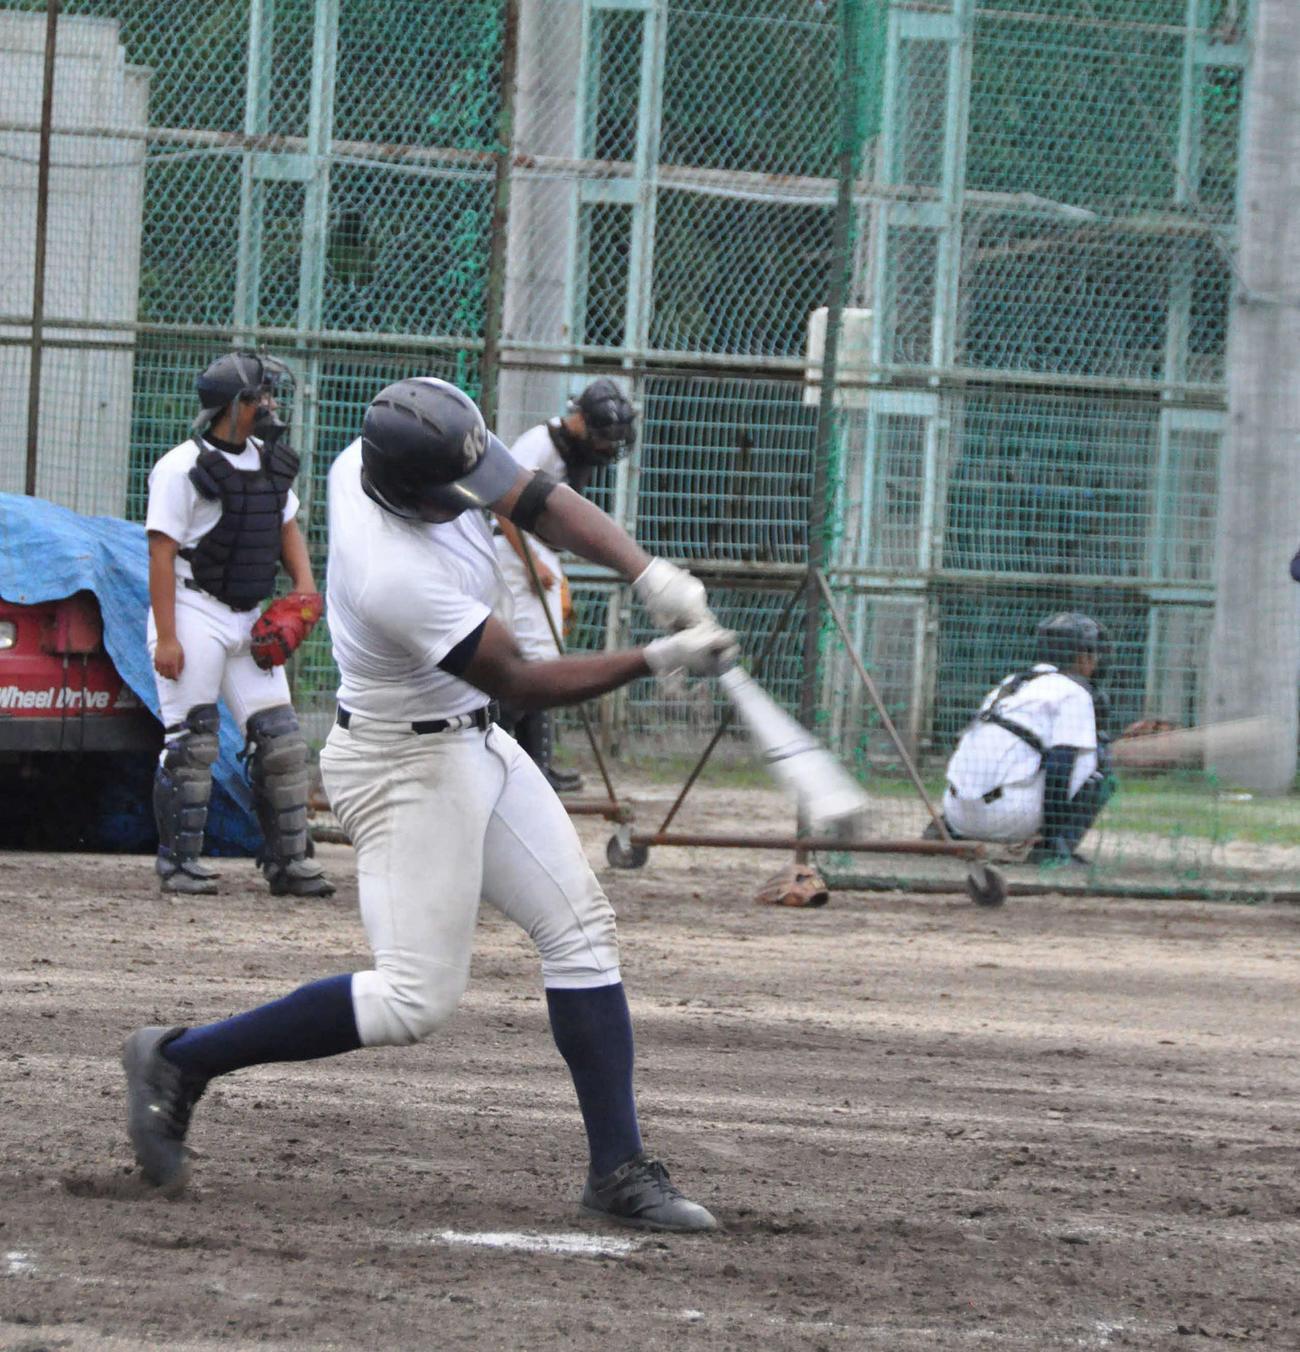 大阪偕星学園のダビット・バチスタ・モレノはシート打撃で中前打を放つ